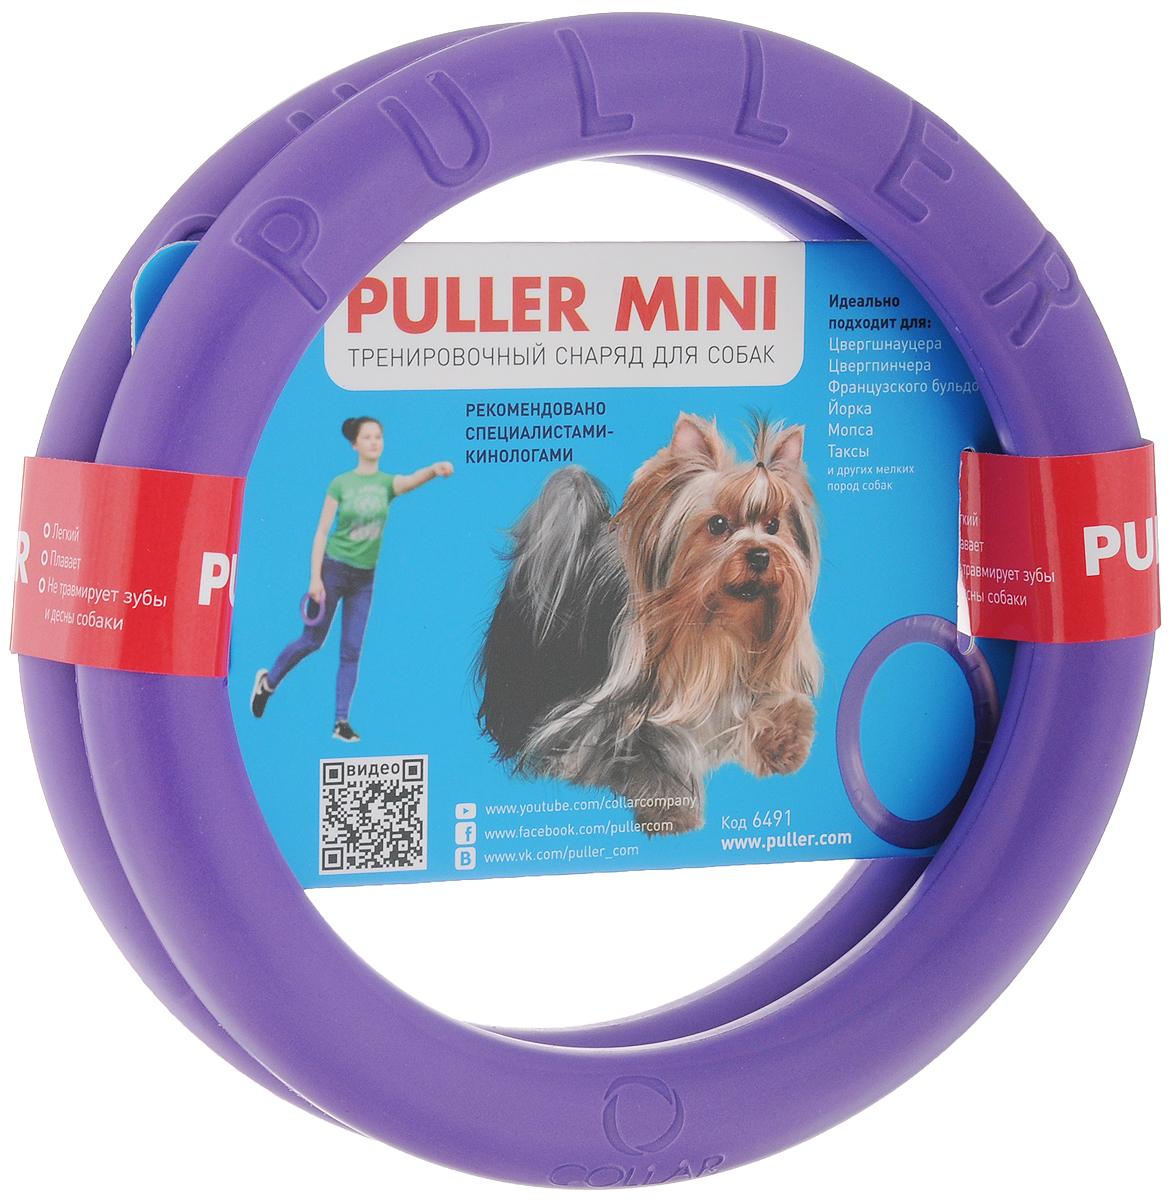 Фото - Снаряд тренировочный Puller Мini, цвет: фиолетовый, диаметр 18 см игрушка collar puller maxi тренировочный снаряд диаметр 30см для собак средних и крупных пород 6492